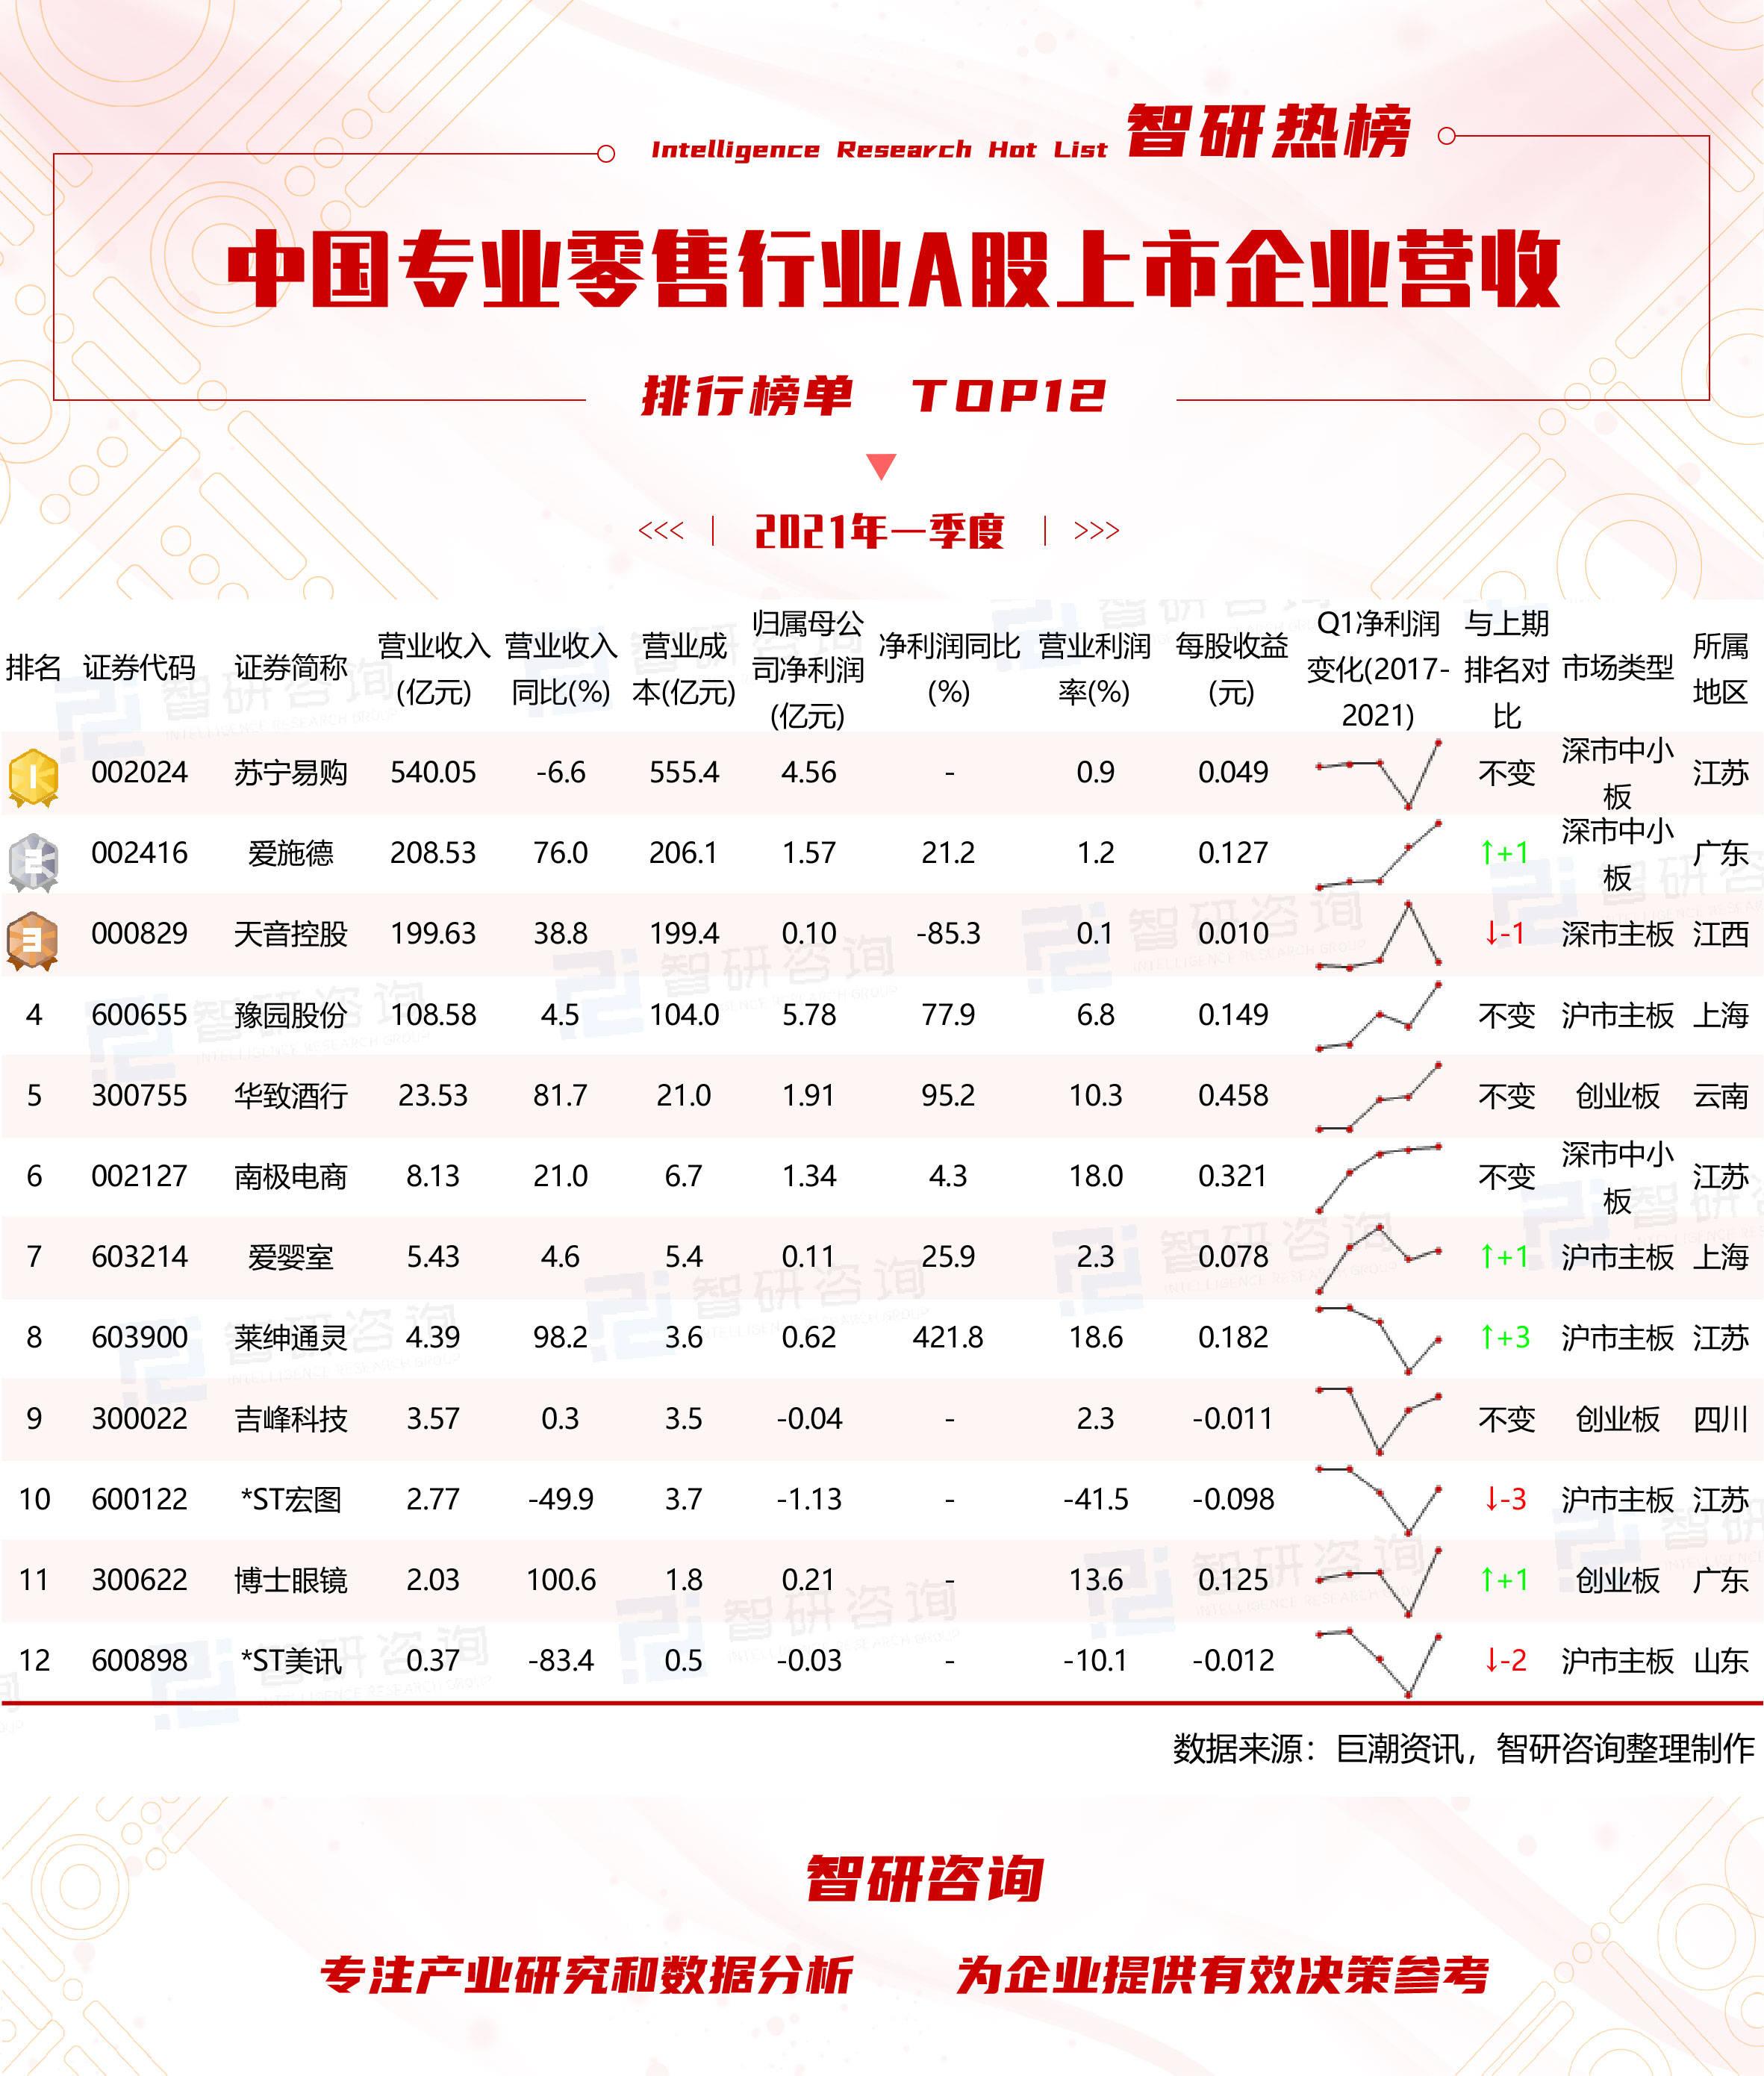 行业利润排行榜_浙股上半年成绩单来了,海康威视净利排行跌出前三,两个行业盈利暴增